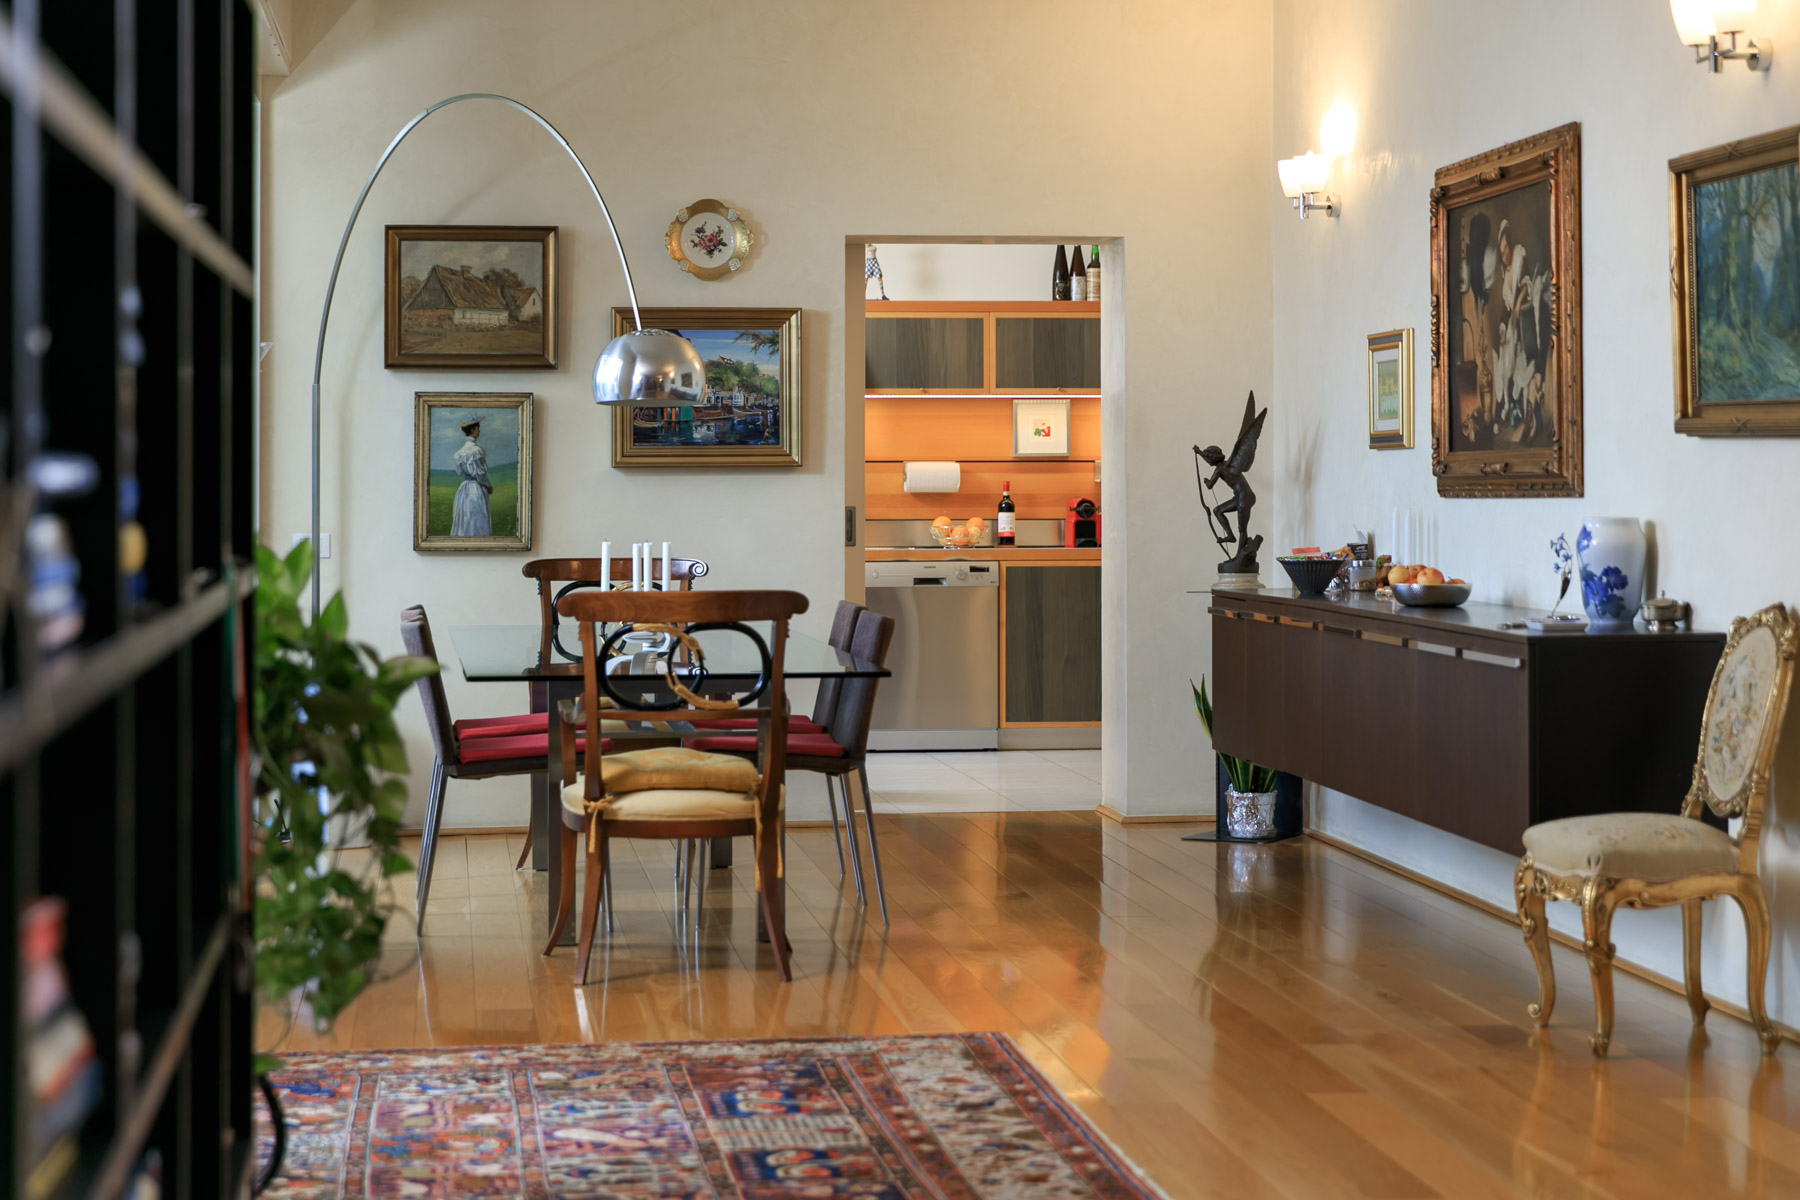 Casa indipendente in Vendita a Impruneta: 5 locali, 300 mq - Foto 8